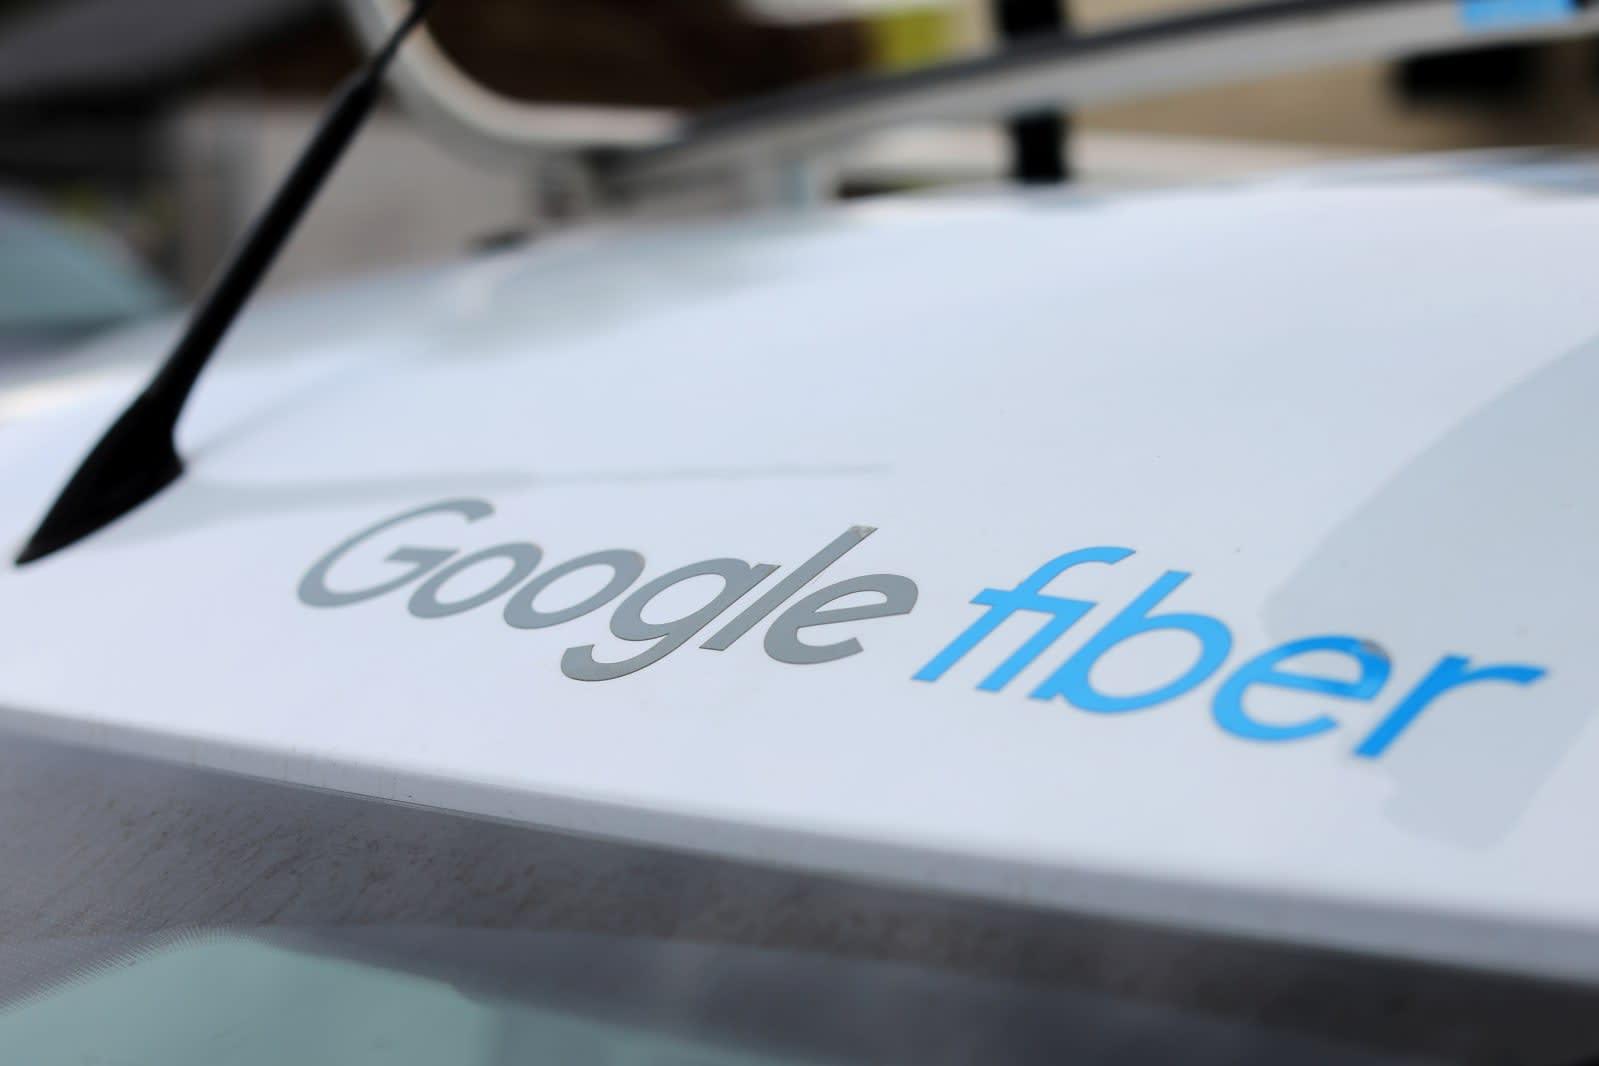 Google Fiber drops its 100Mbps tier in favor of gigabit-only service